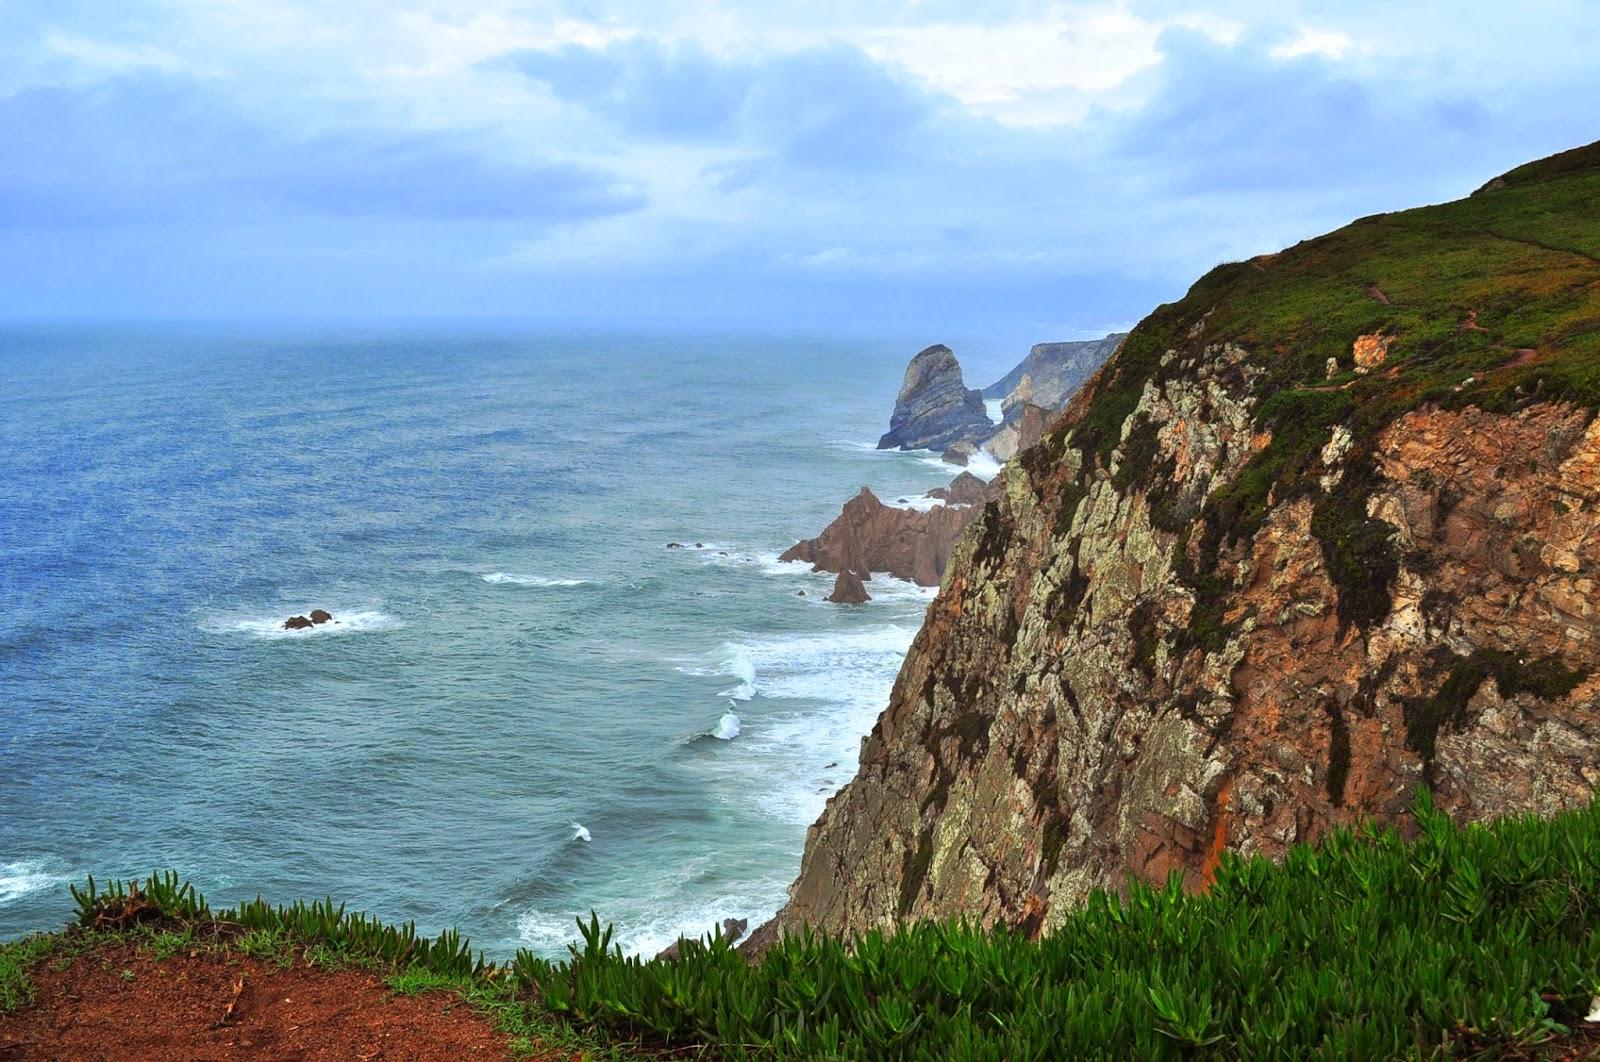 Тук ветровете са безмилостни, а океанът се разбива с необуздана ярост в отвесните скали, затова наричат мястото Бока до инферно или Устата на ада.